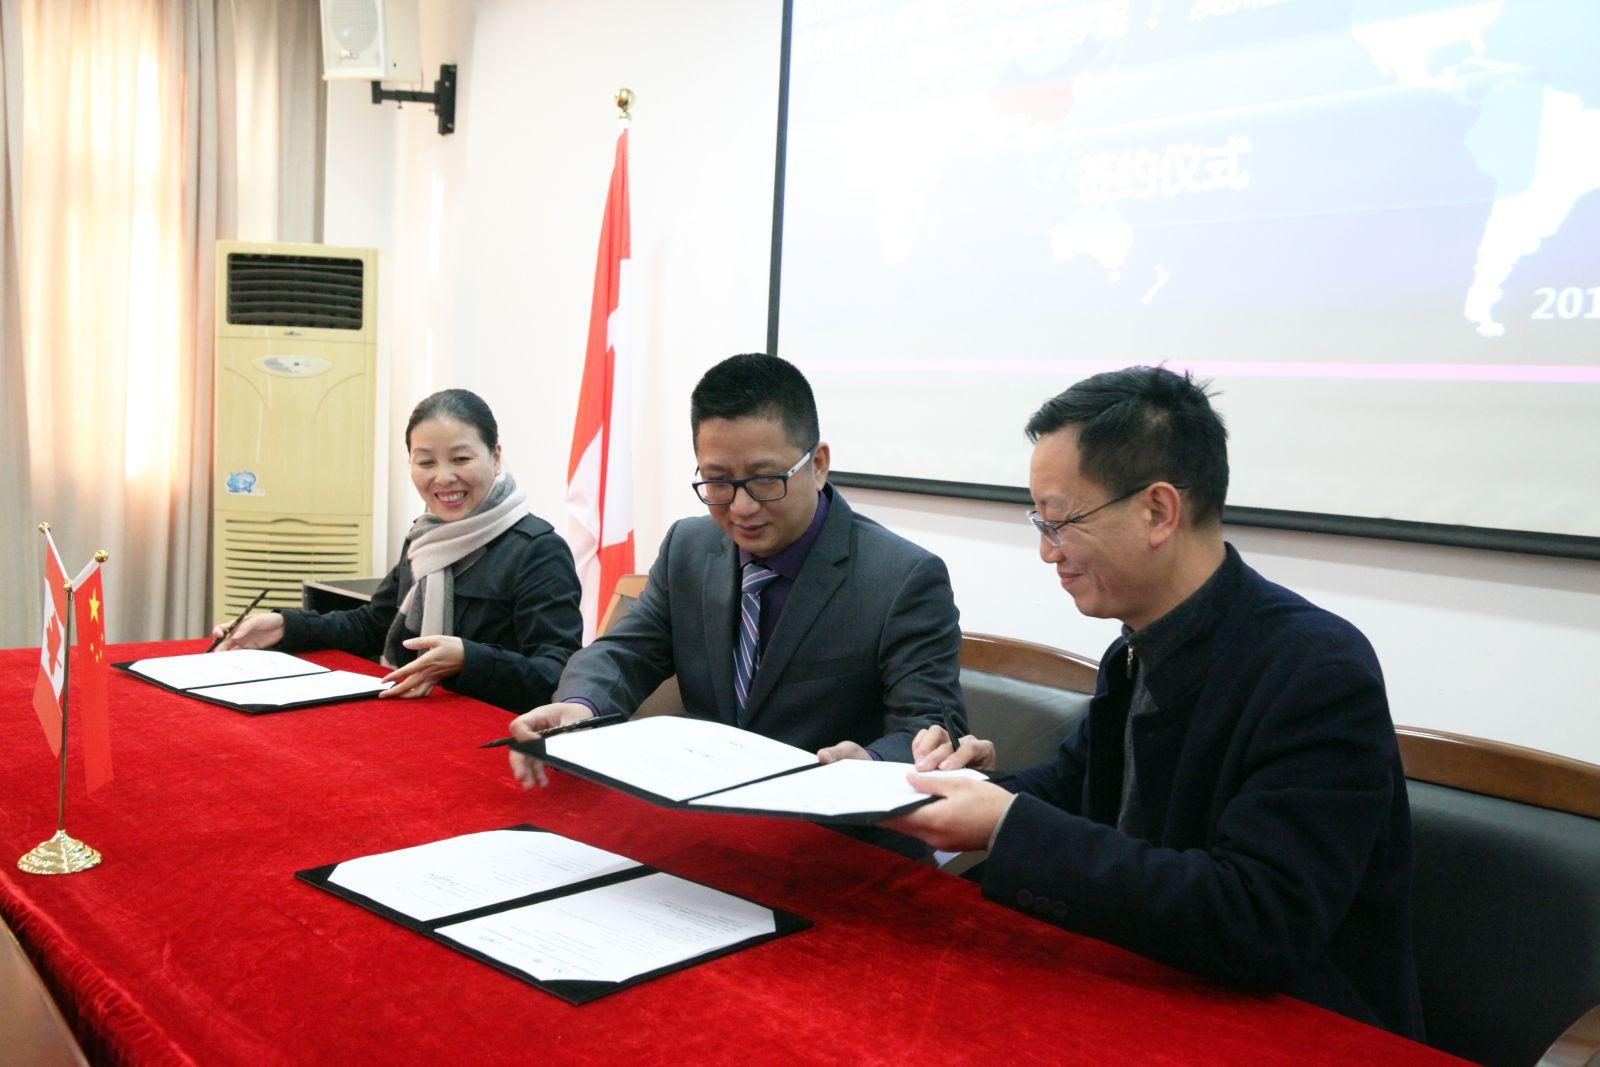 萧山二职_AICC携加拿大北极光学院与萧山四所中职校签约国际教育项目